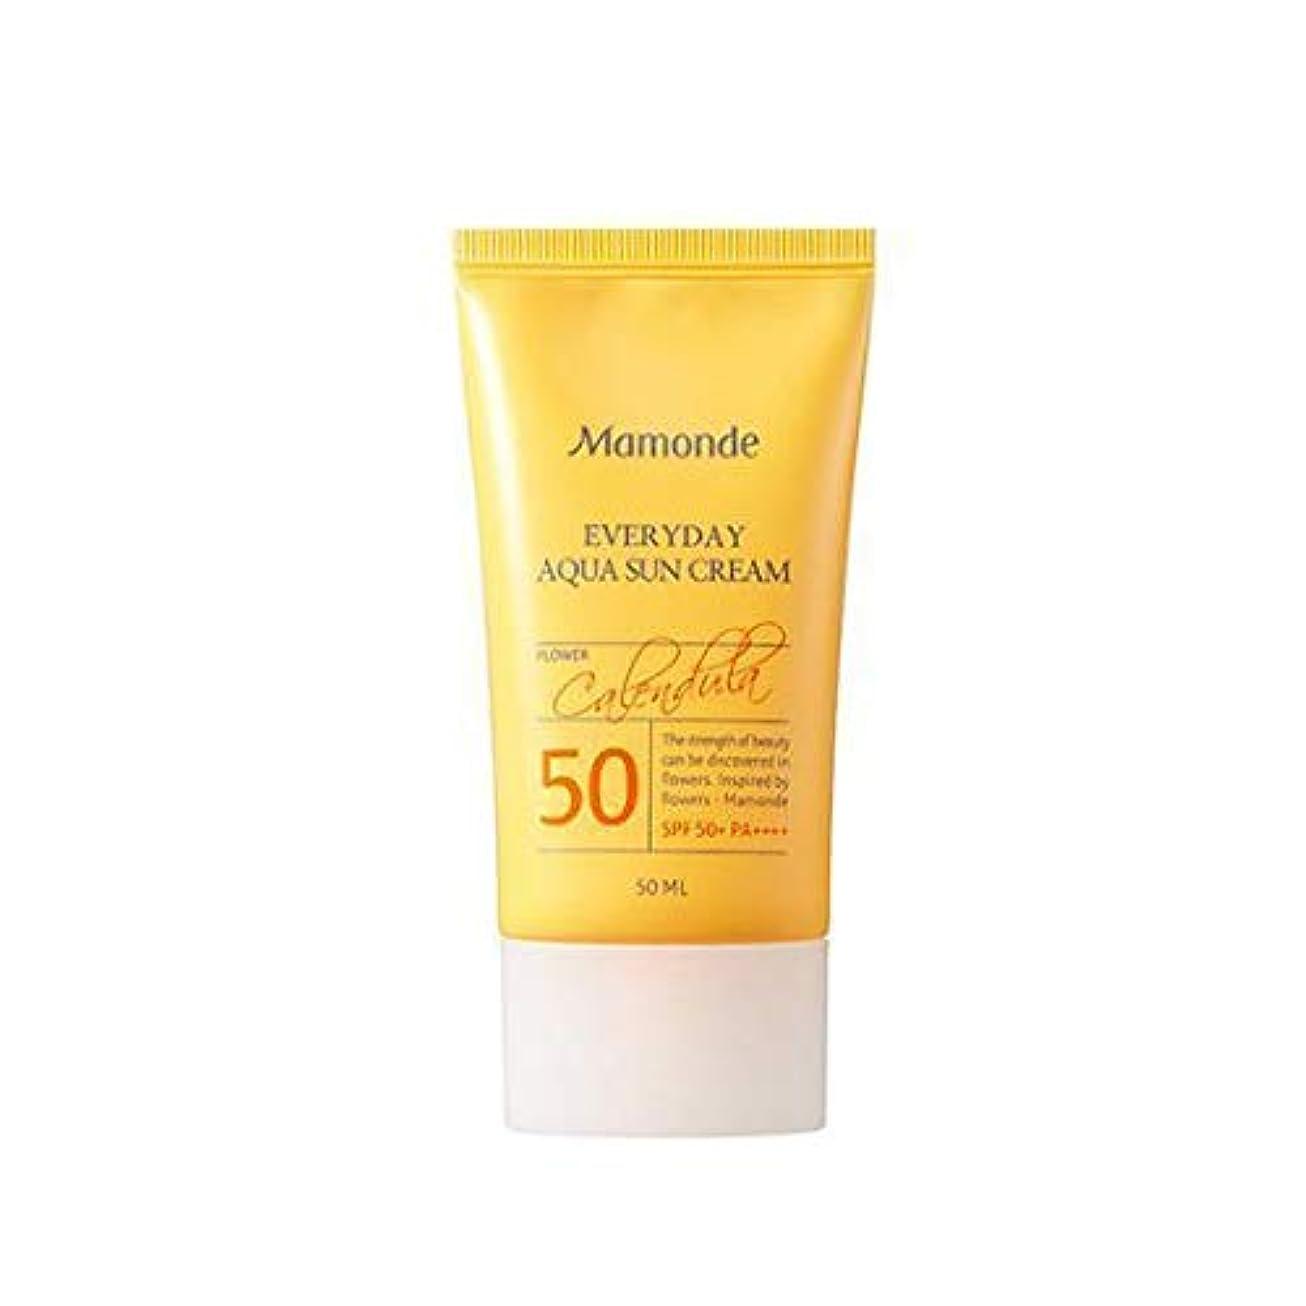 名声十一ナンセンスMAMONDE マモンド エブリデイアクアサンクリーム (50ml),SPF50+PA++++ Everyday Aqua Sun Cream 韓国日焼け止め